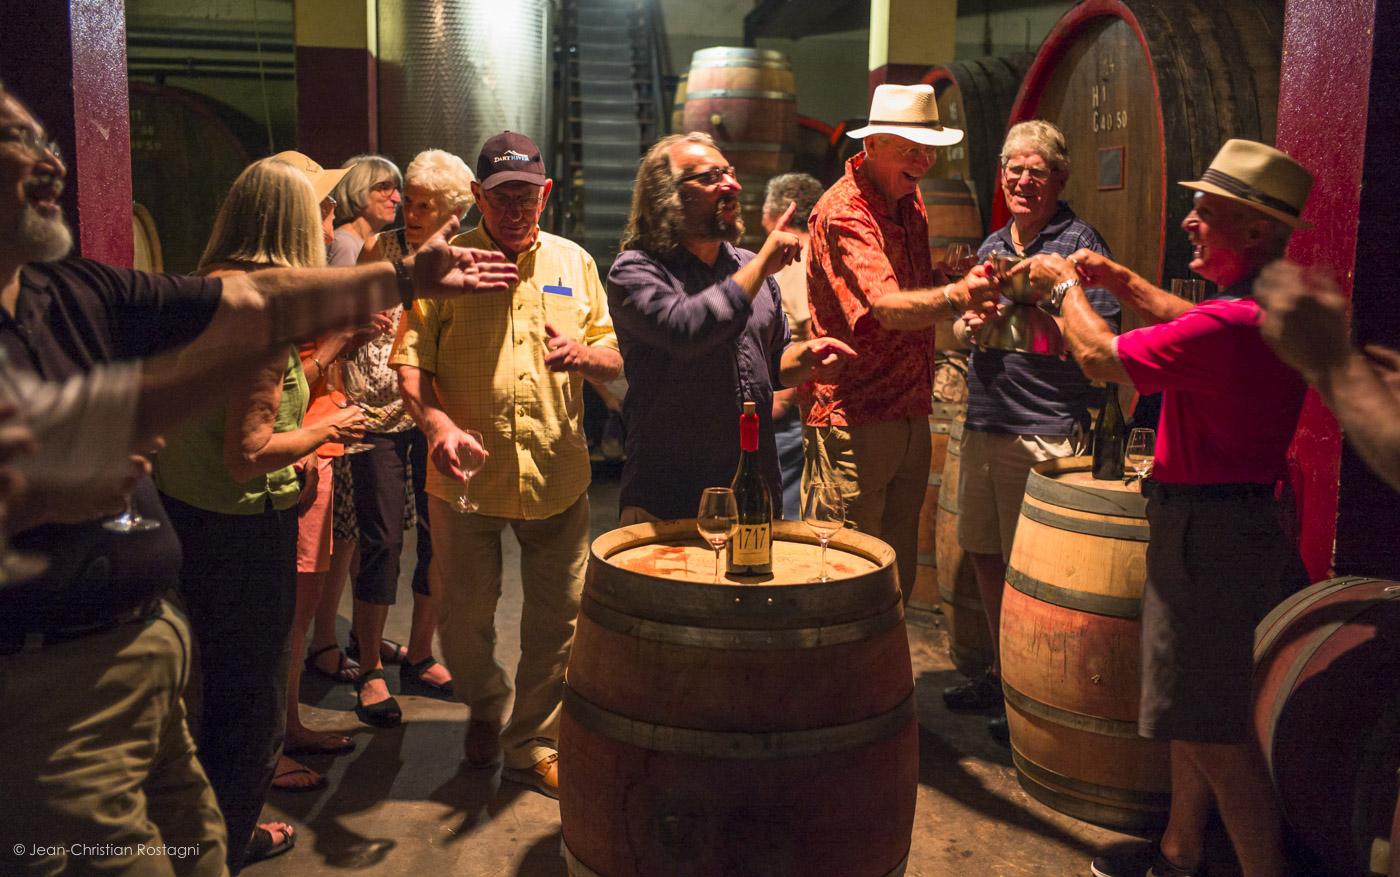 Wine tasting off the barrels